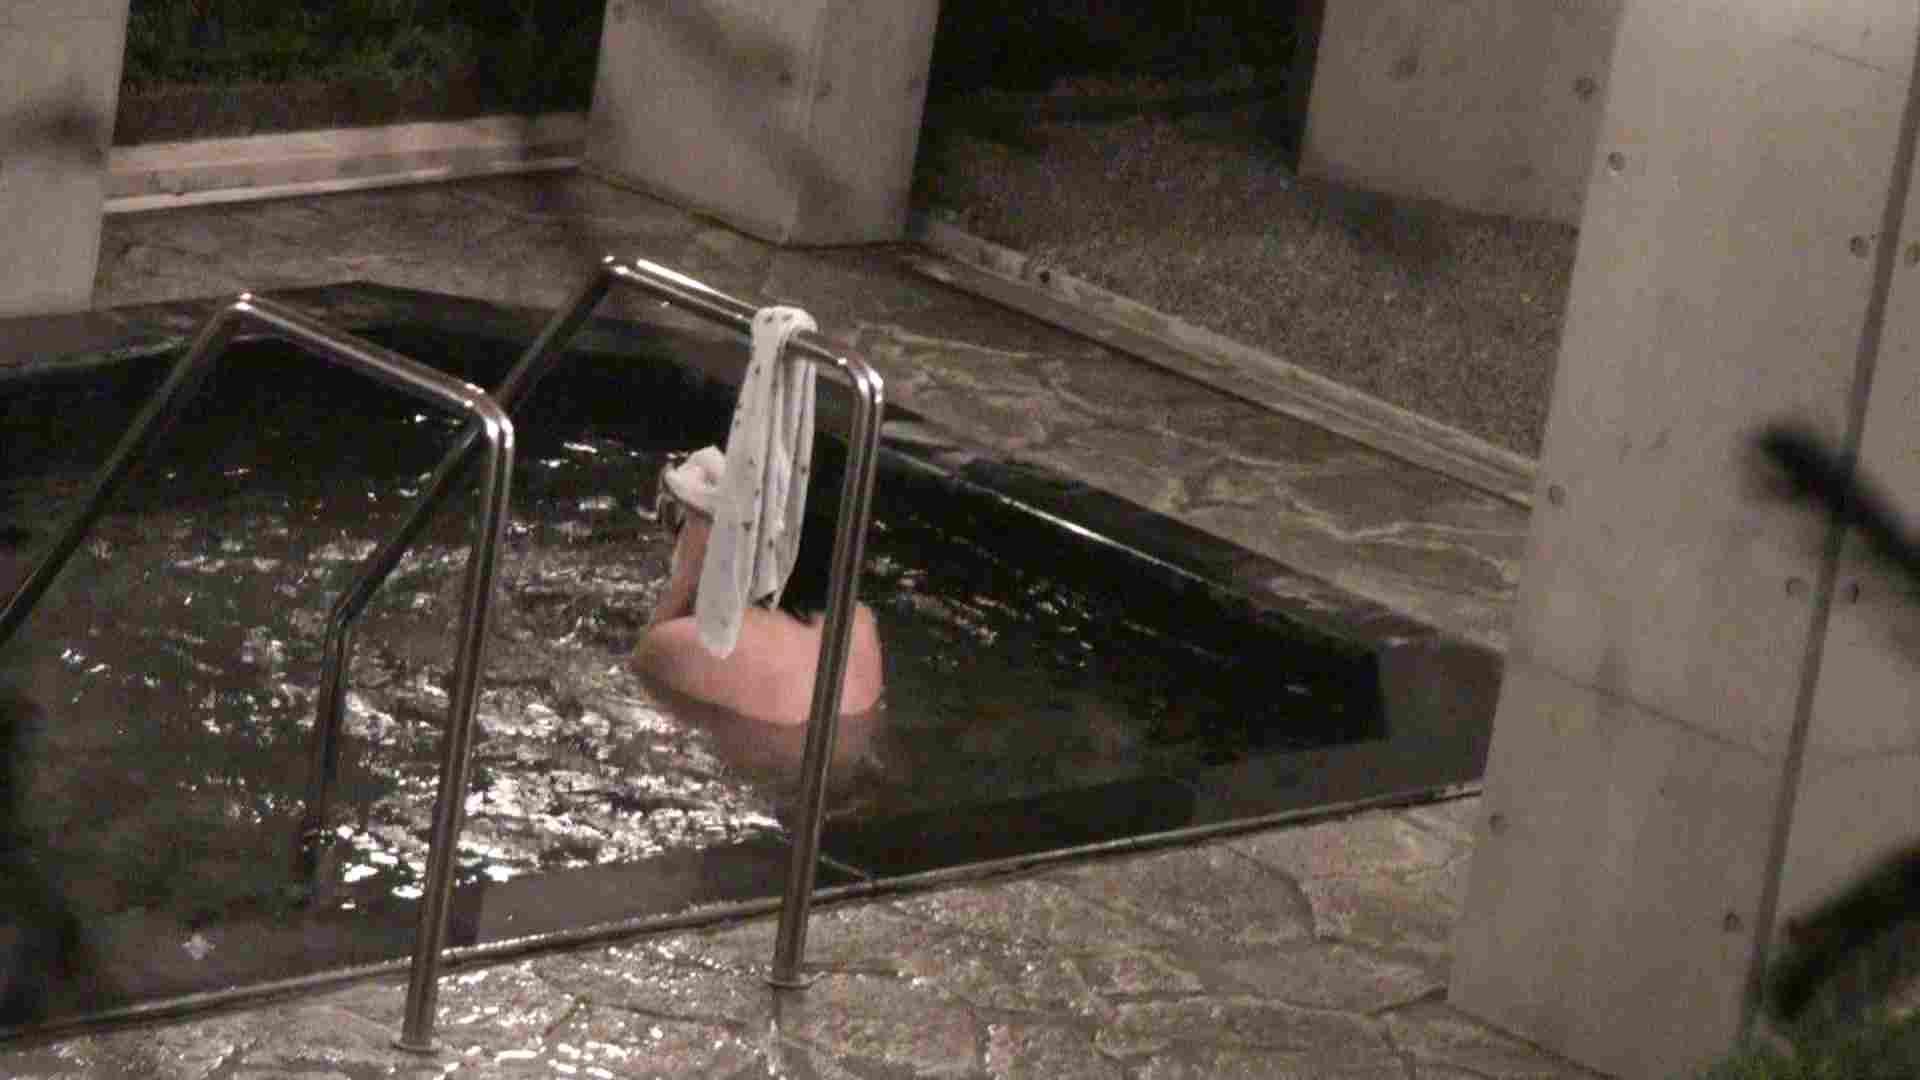 Aquaな露天風呂Vol.353 盗撮 おまんこ無修正動画無料 93画像 74